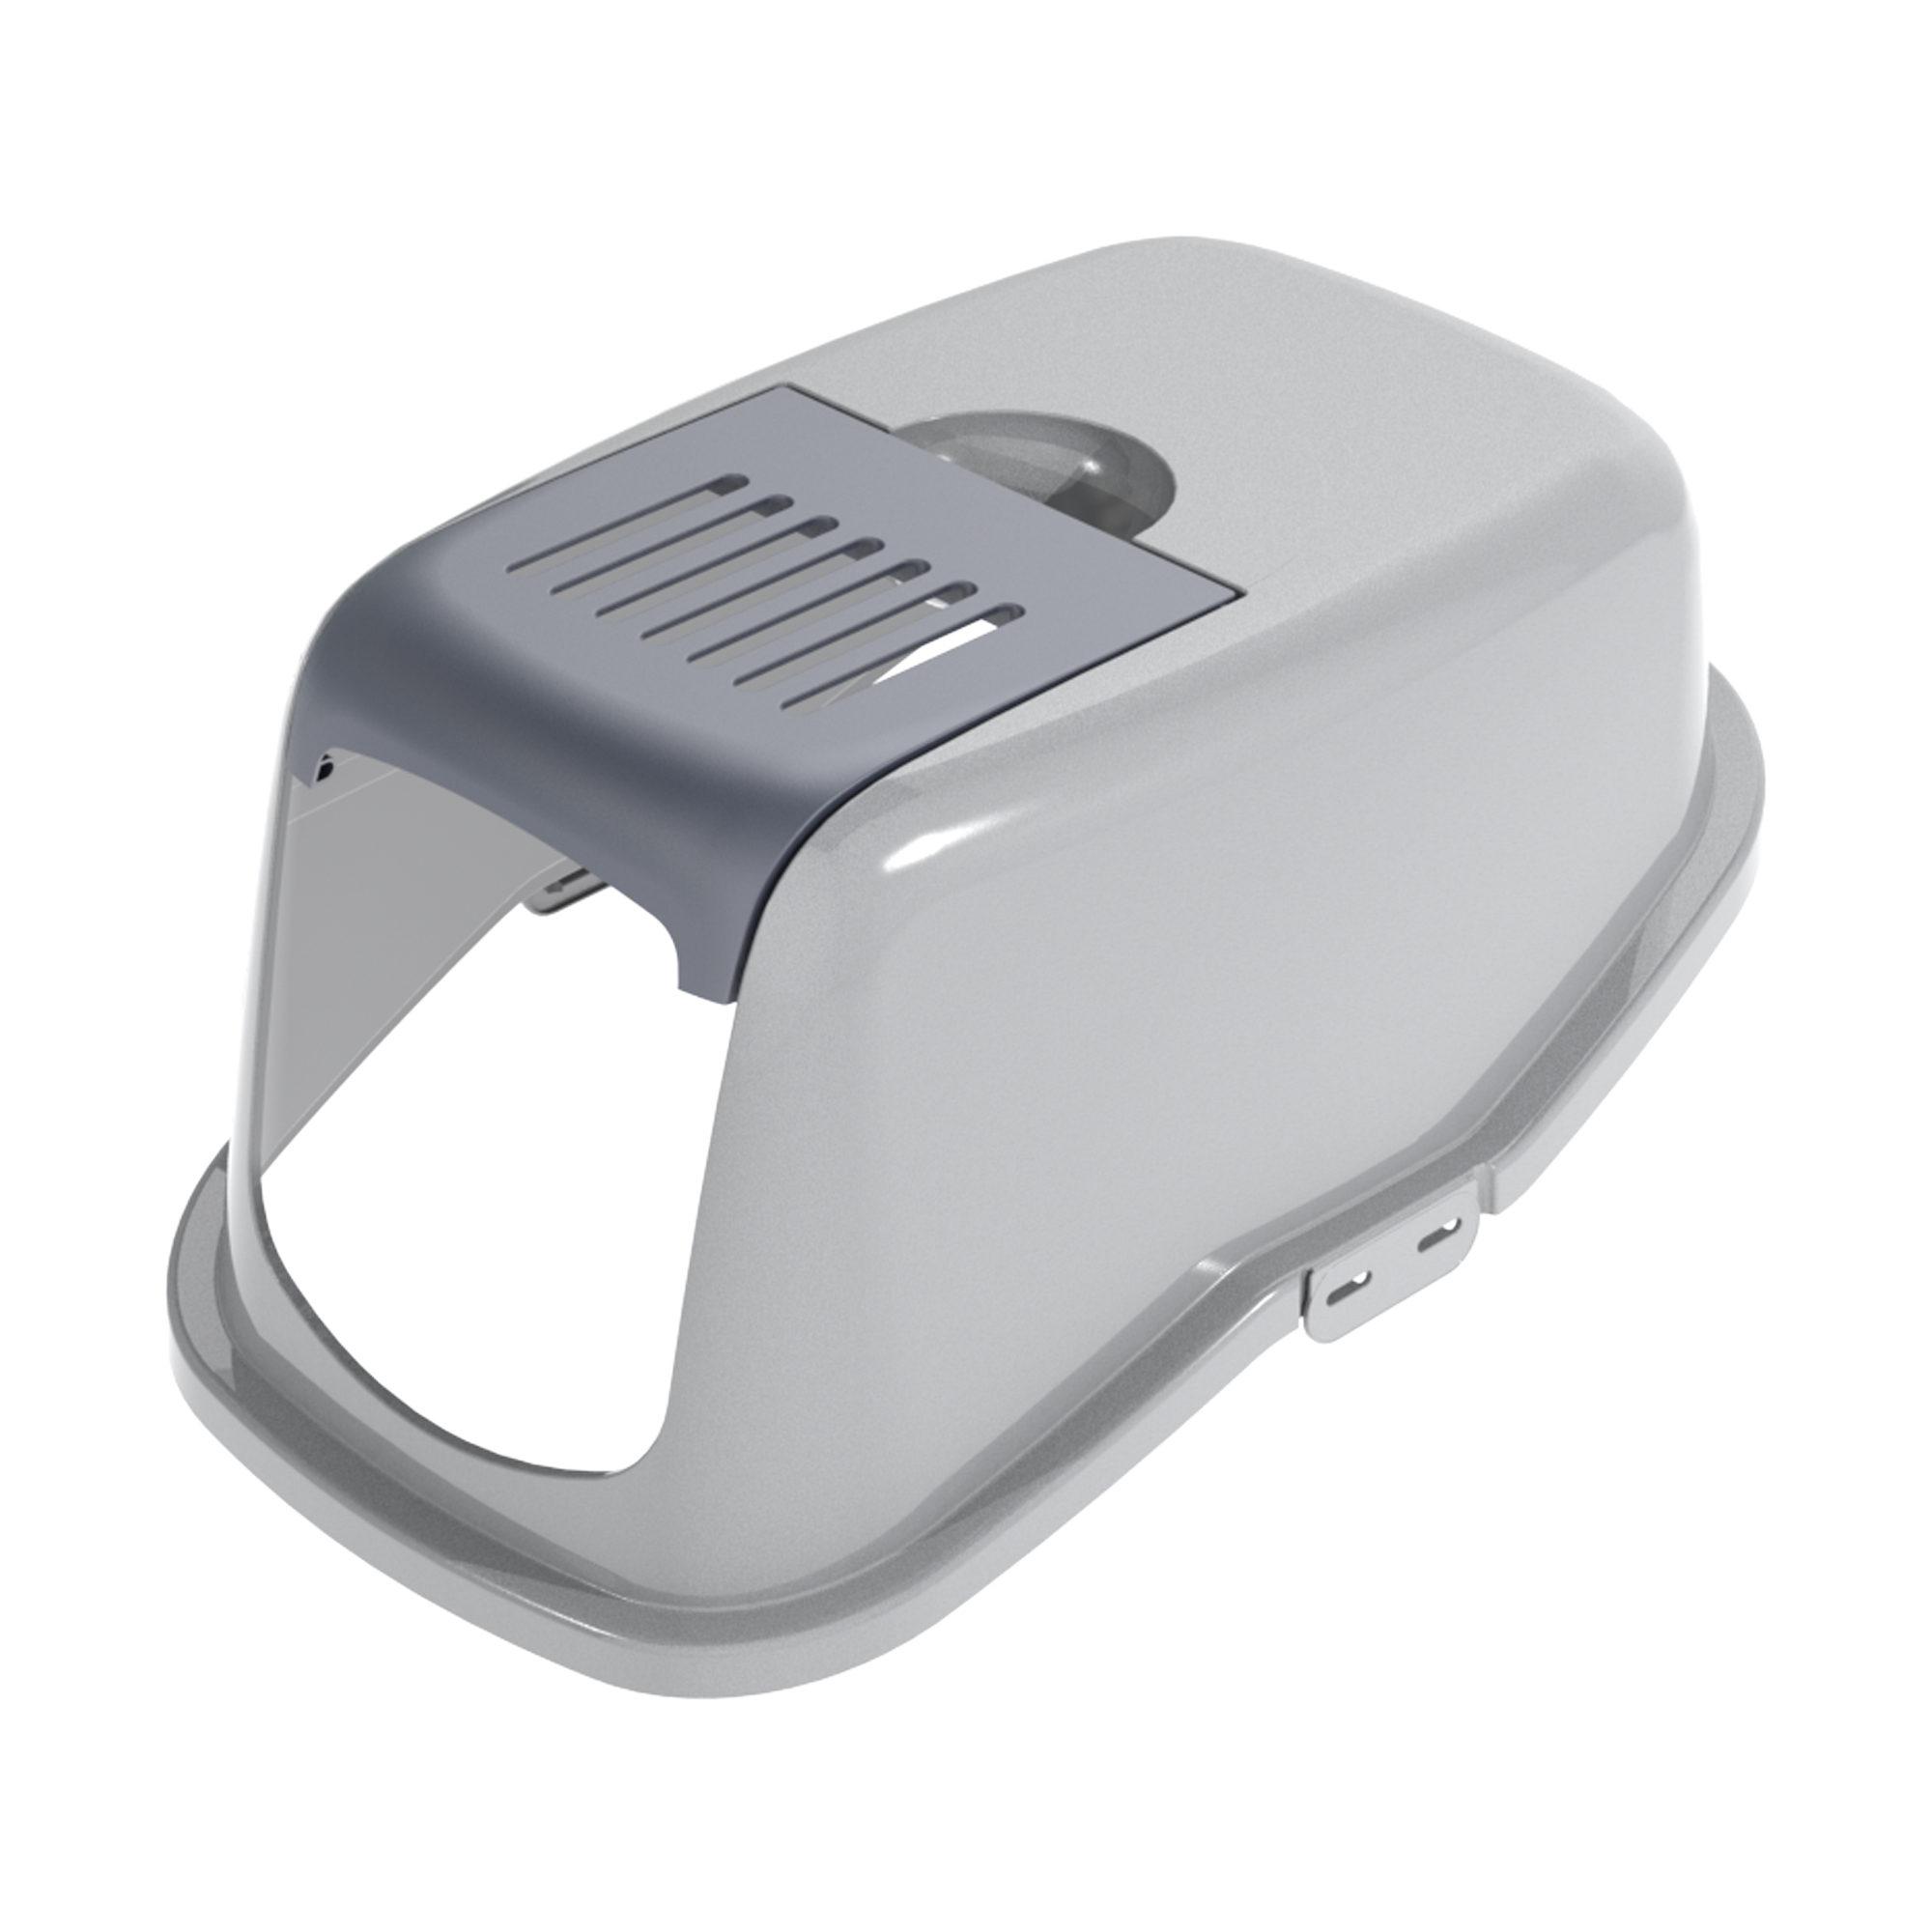 PeeWee EcoDome Katzentoilette Klappe (Inklusive Filterdeckel) - Grau